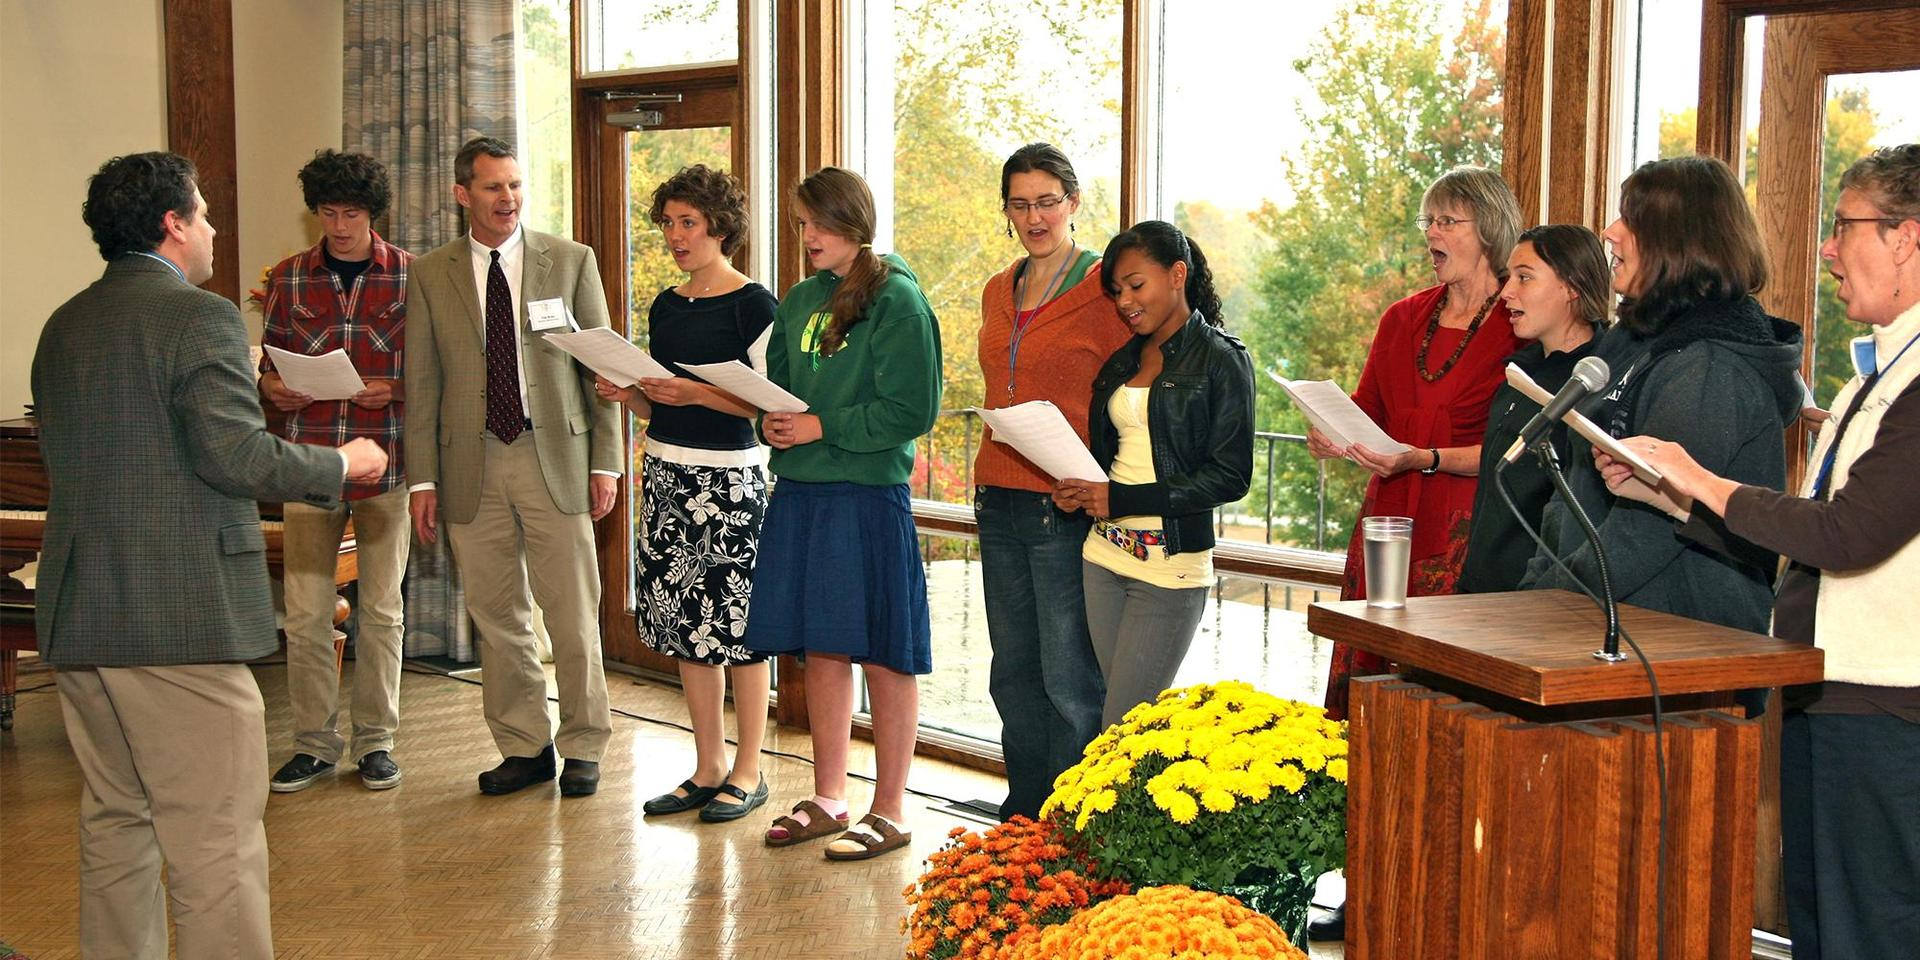 A group of alumnae/i singing.